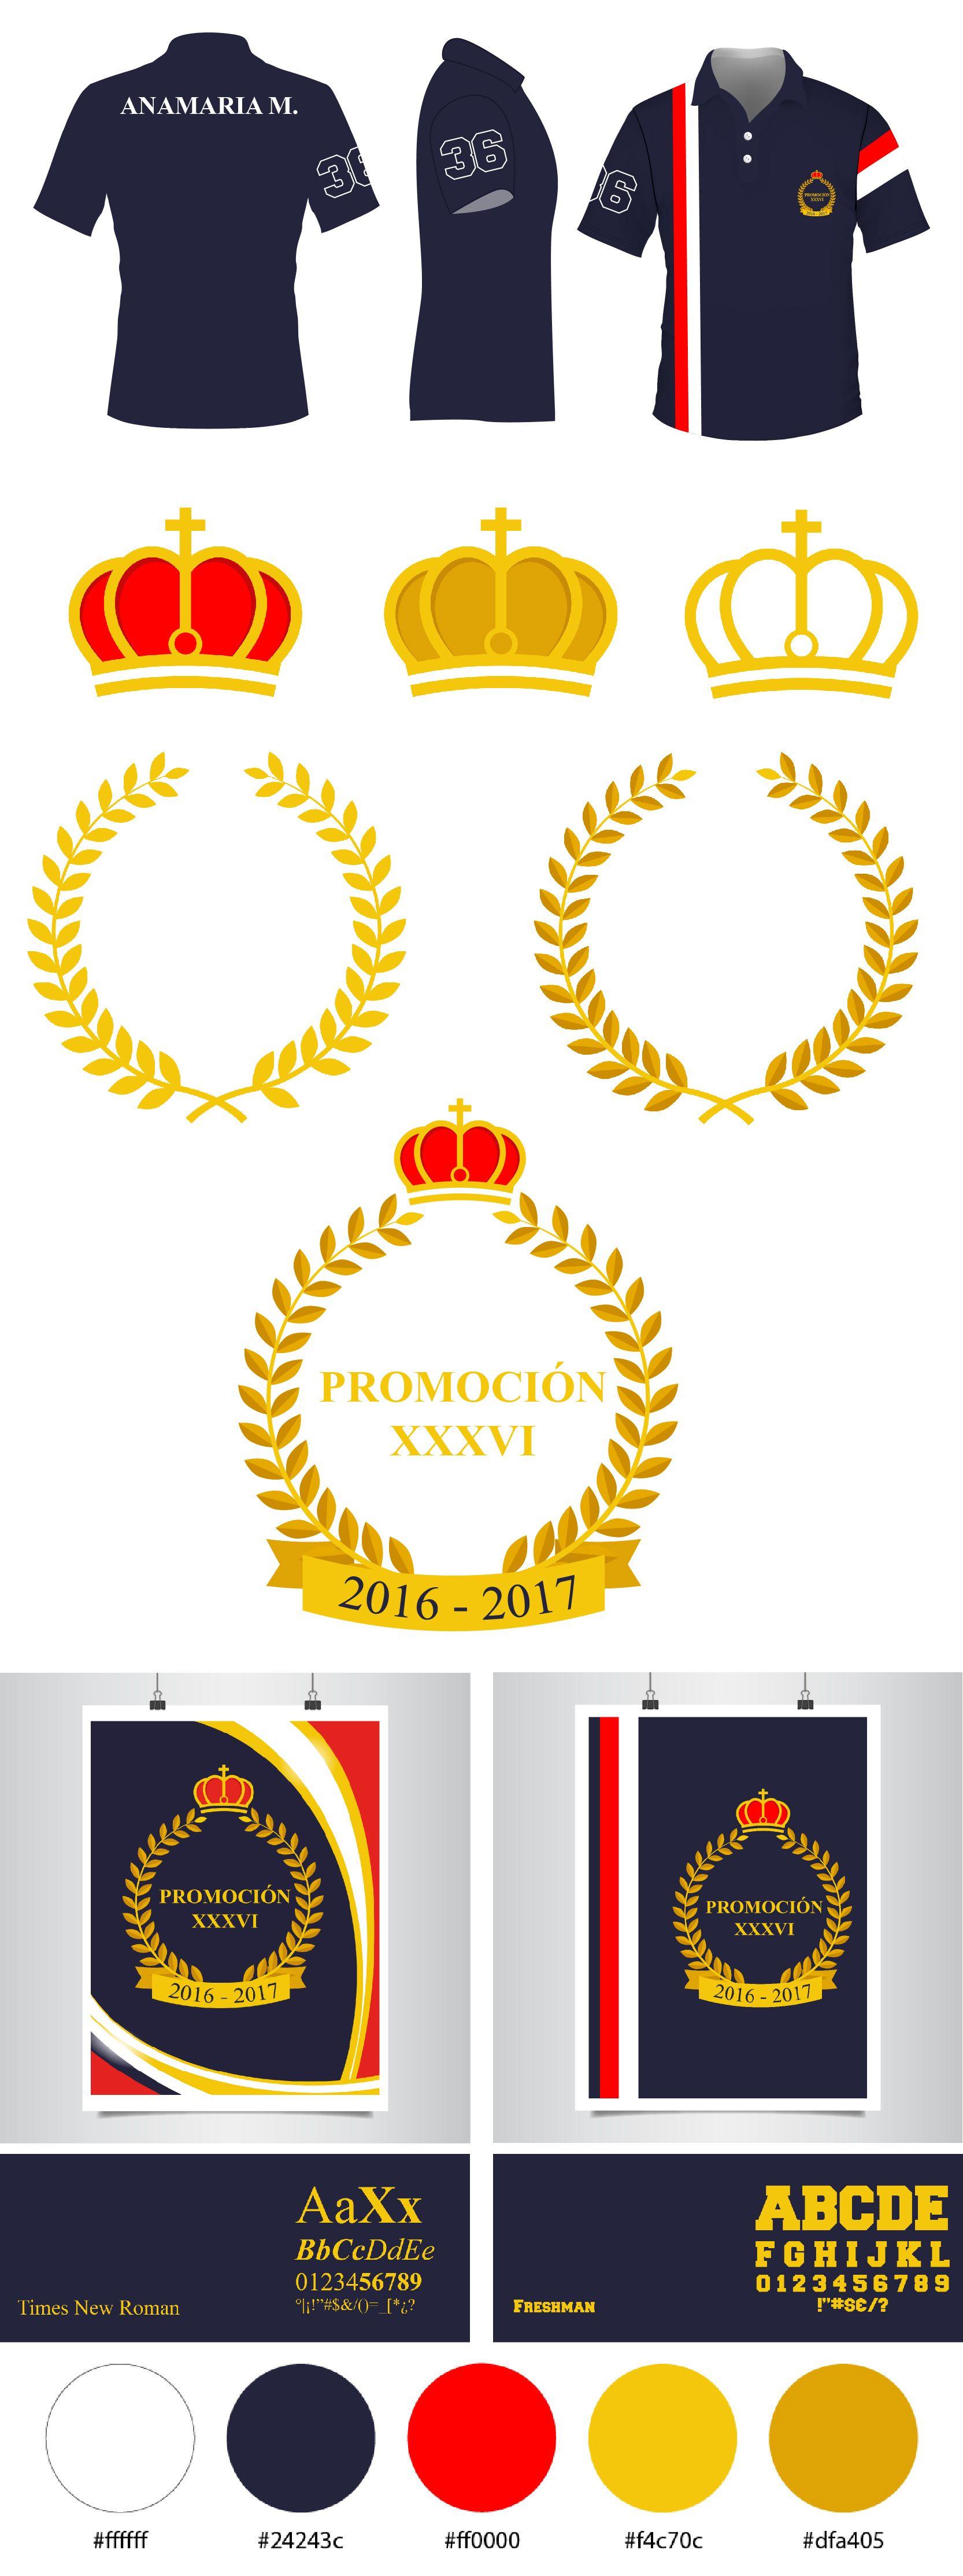 85218b8a6b2a5 Diseño del logo y la camisa de promoción de 5to año. Venezuela ...